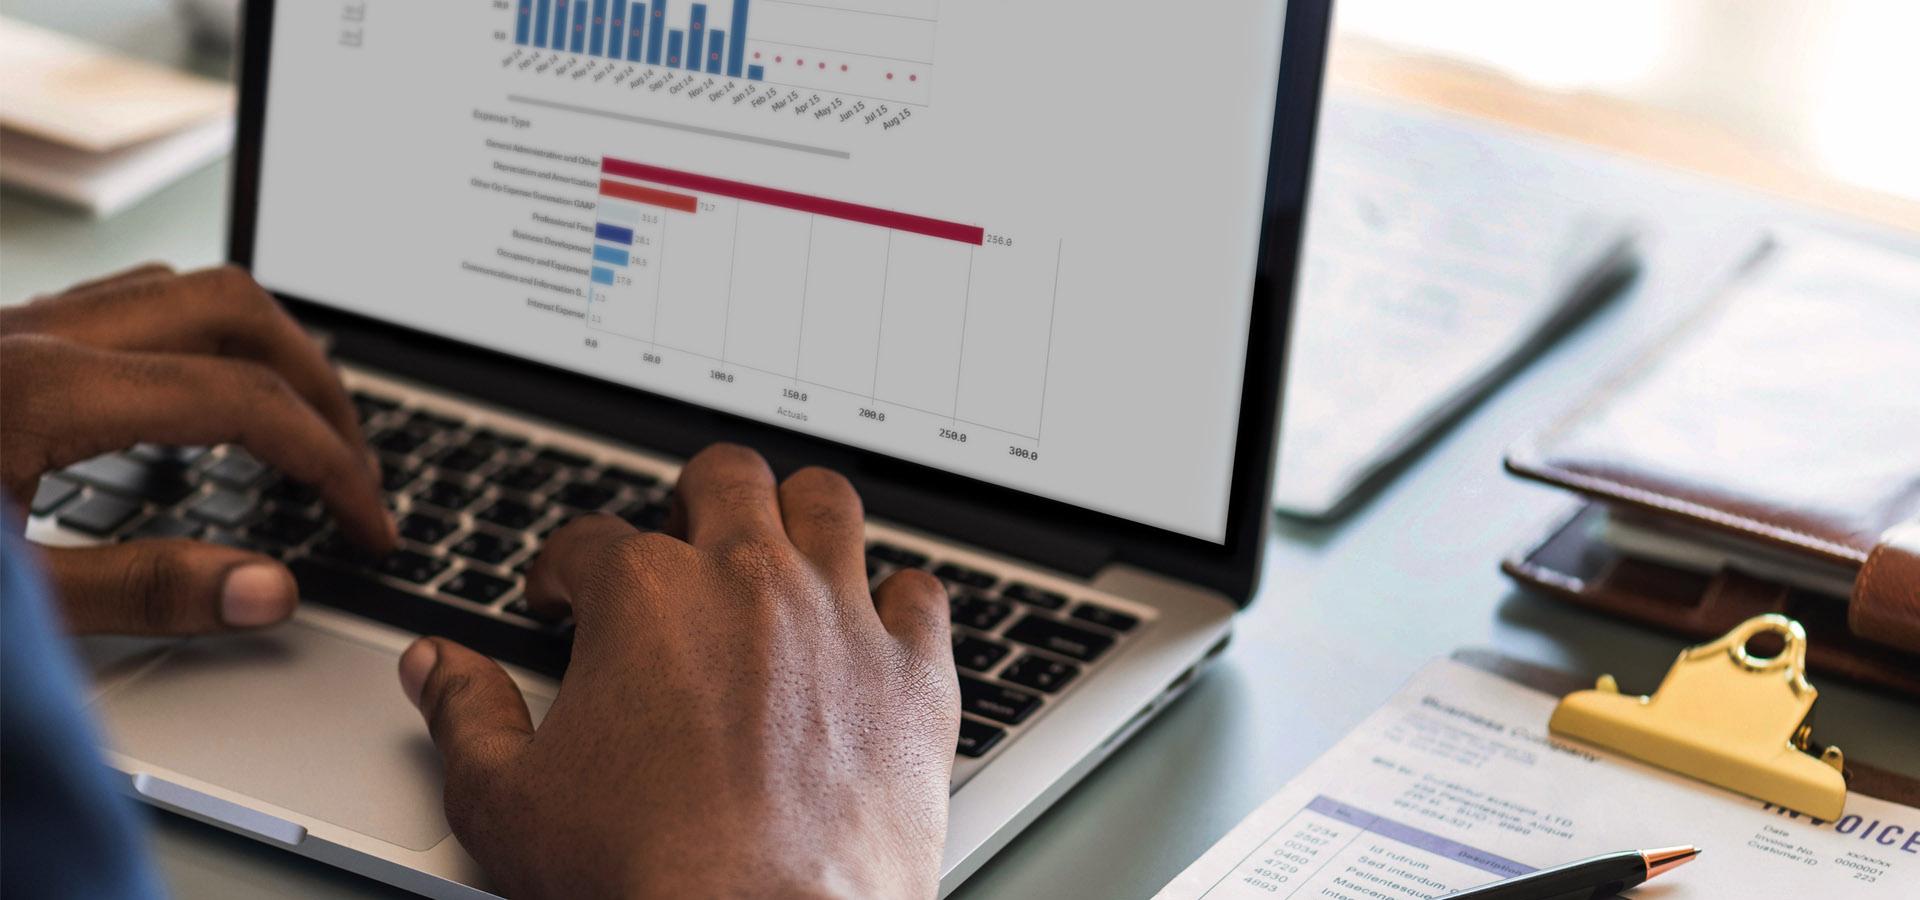 利用制造数据来确定根本原因、发现销售机会并在竞争中领先于创新产品和服务。